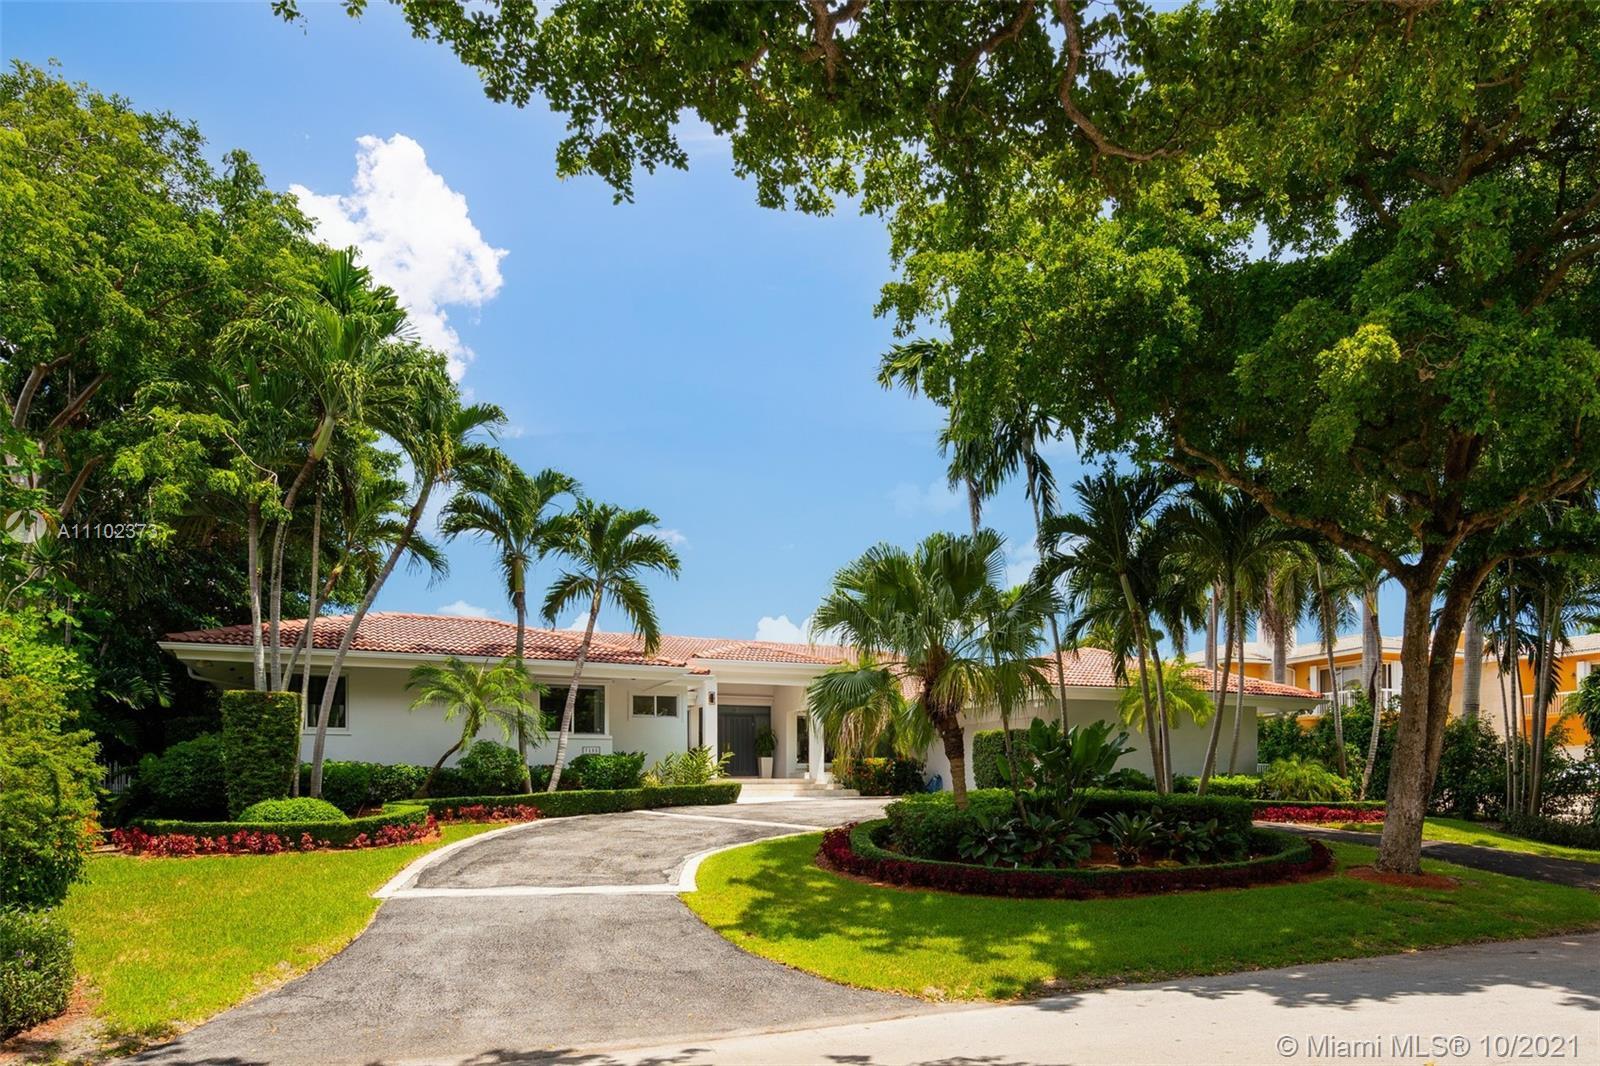 7155 Los Pinos Blvd Luxury Real Estate